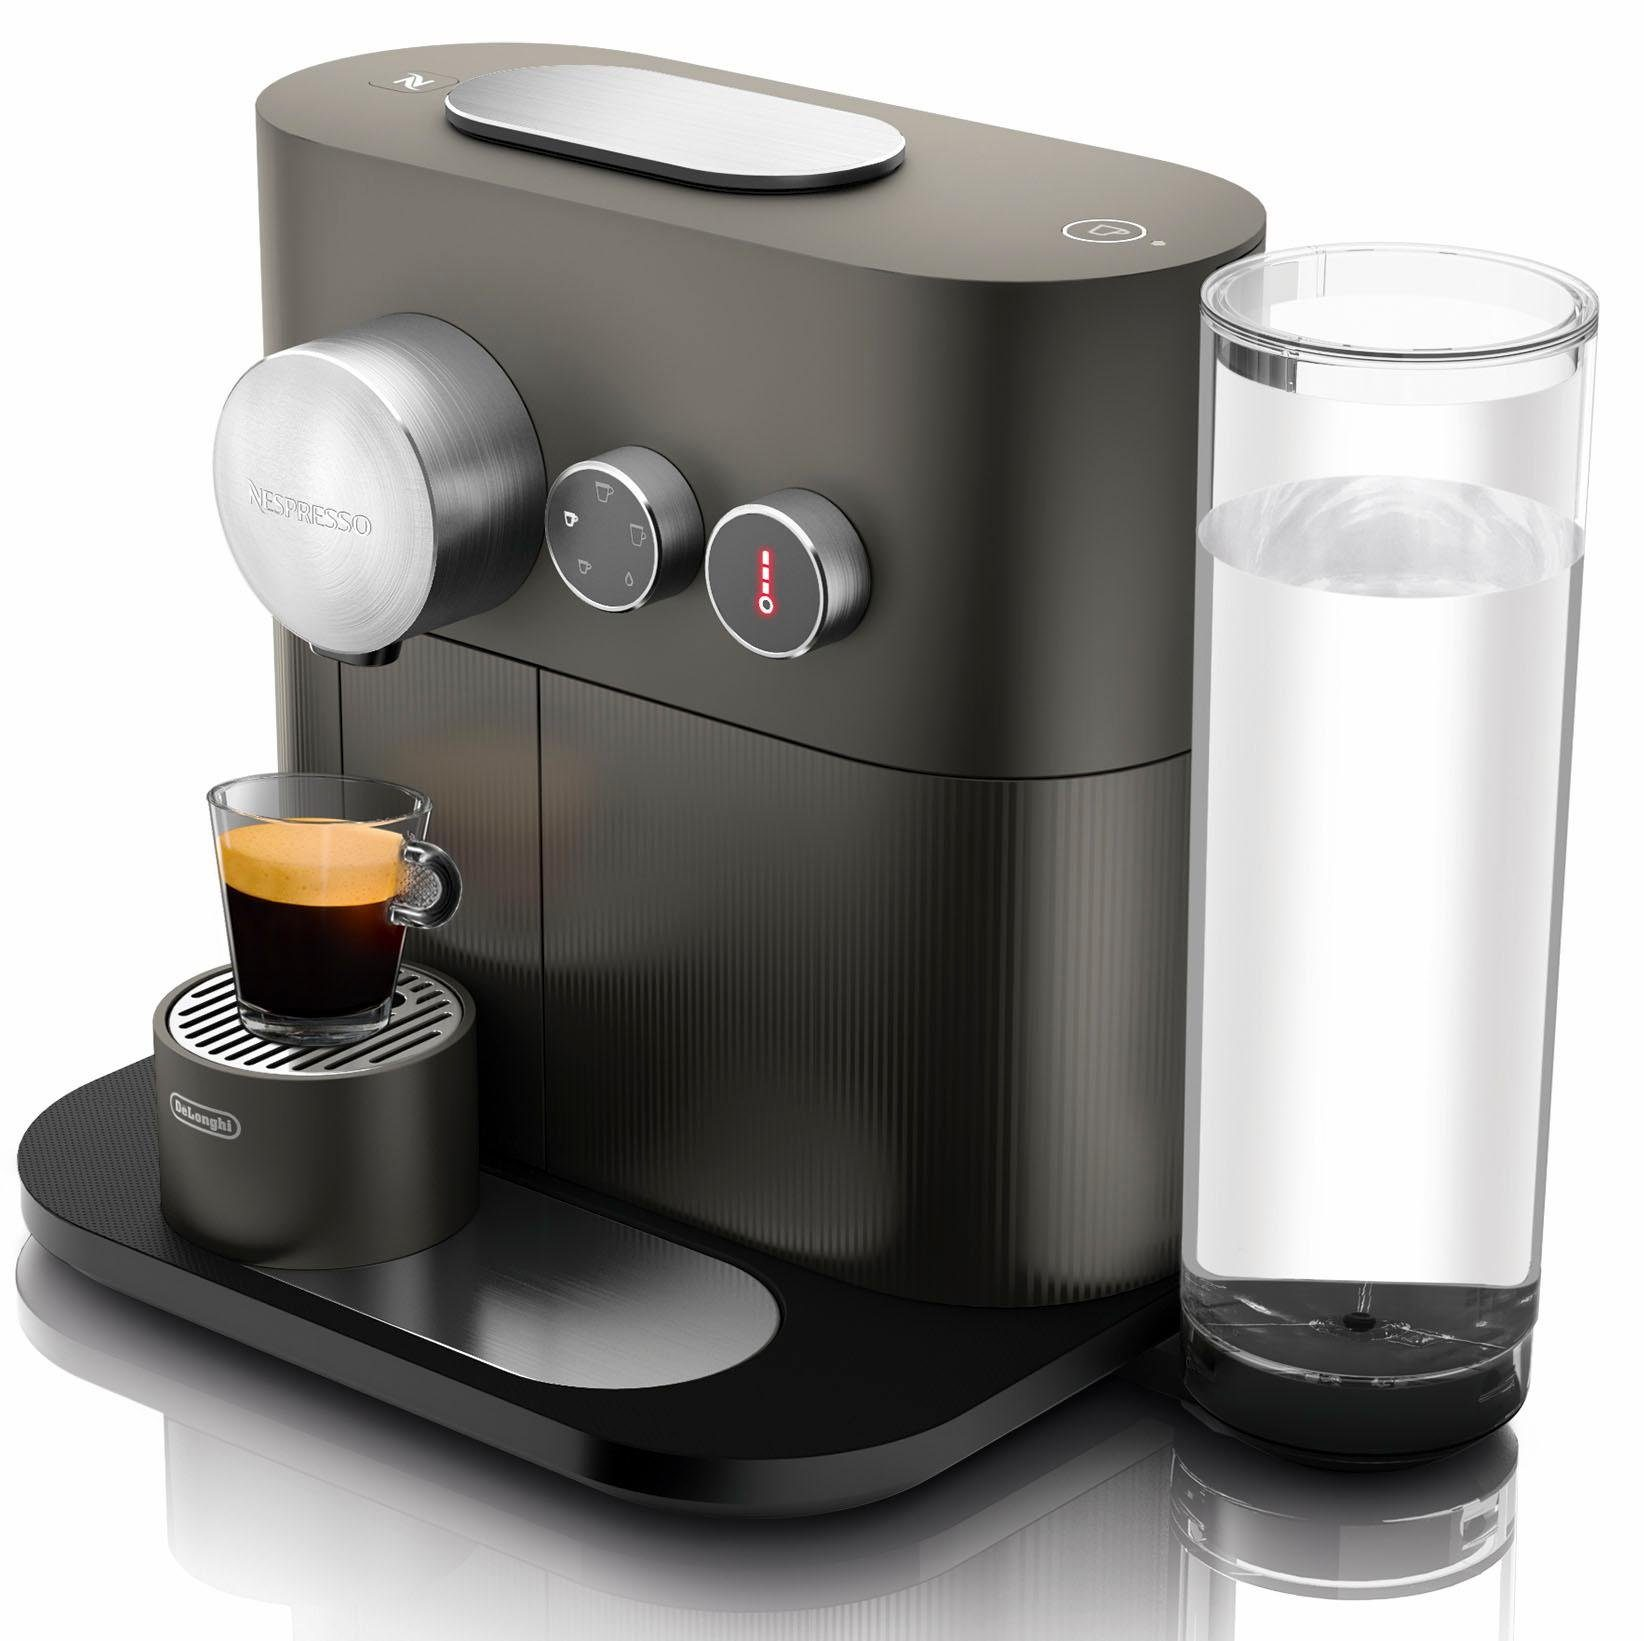 De'Longhi Nespresso Kapselsystem Nespresso Expert EN350.G, 19 bar